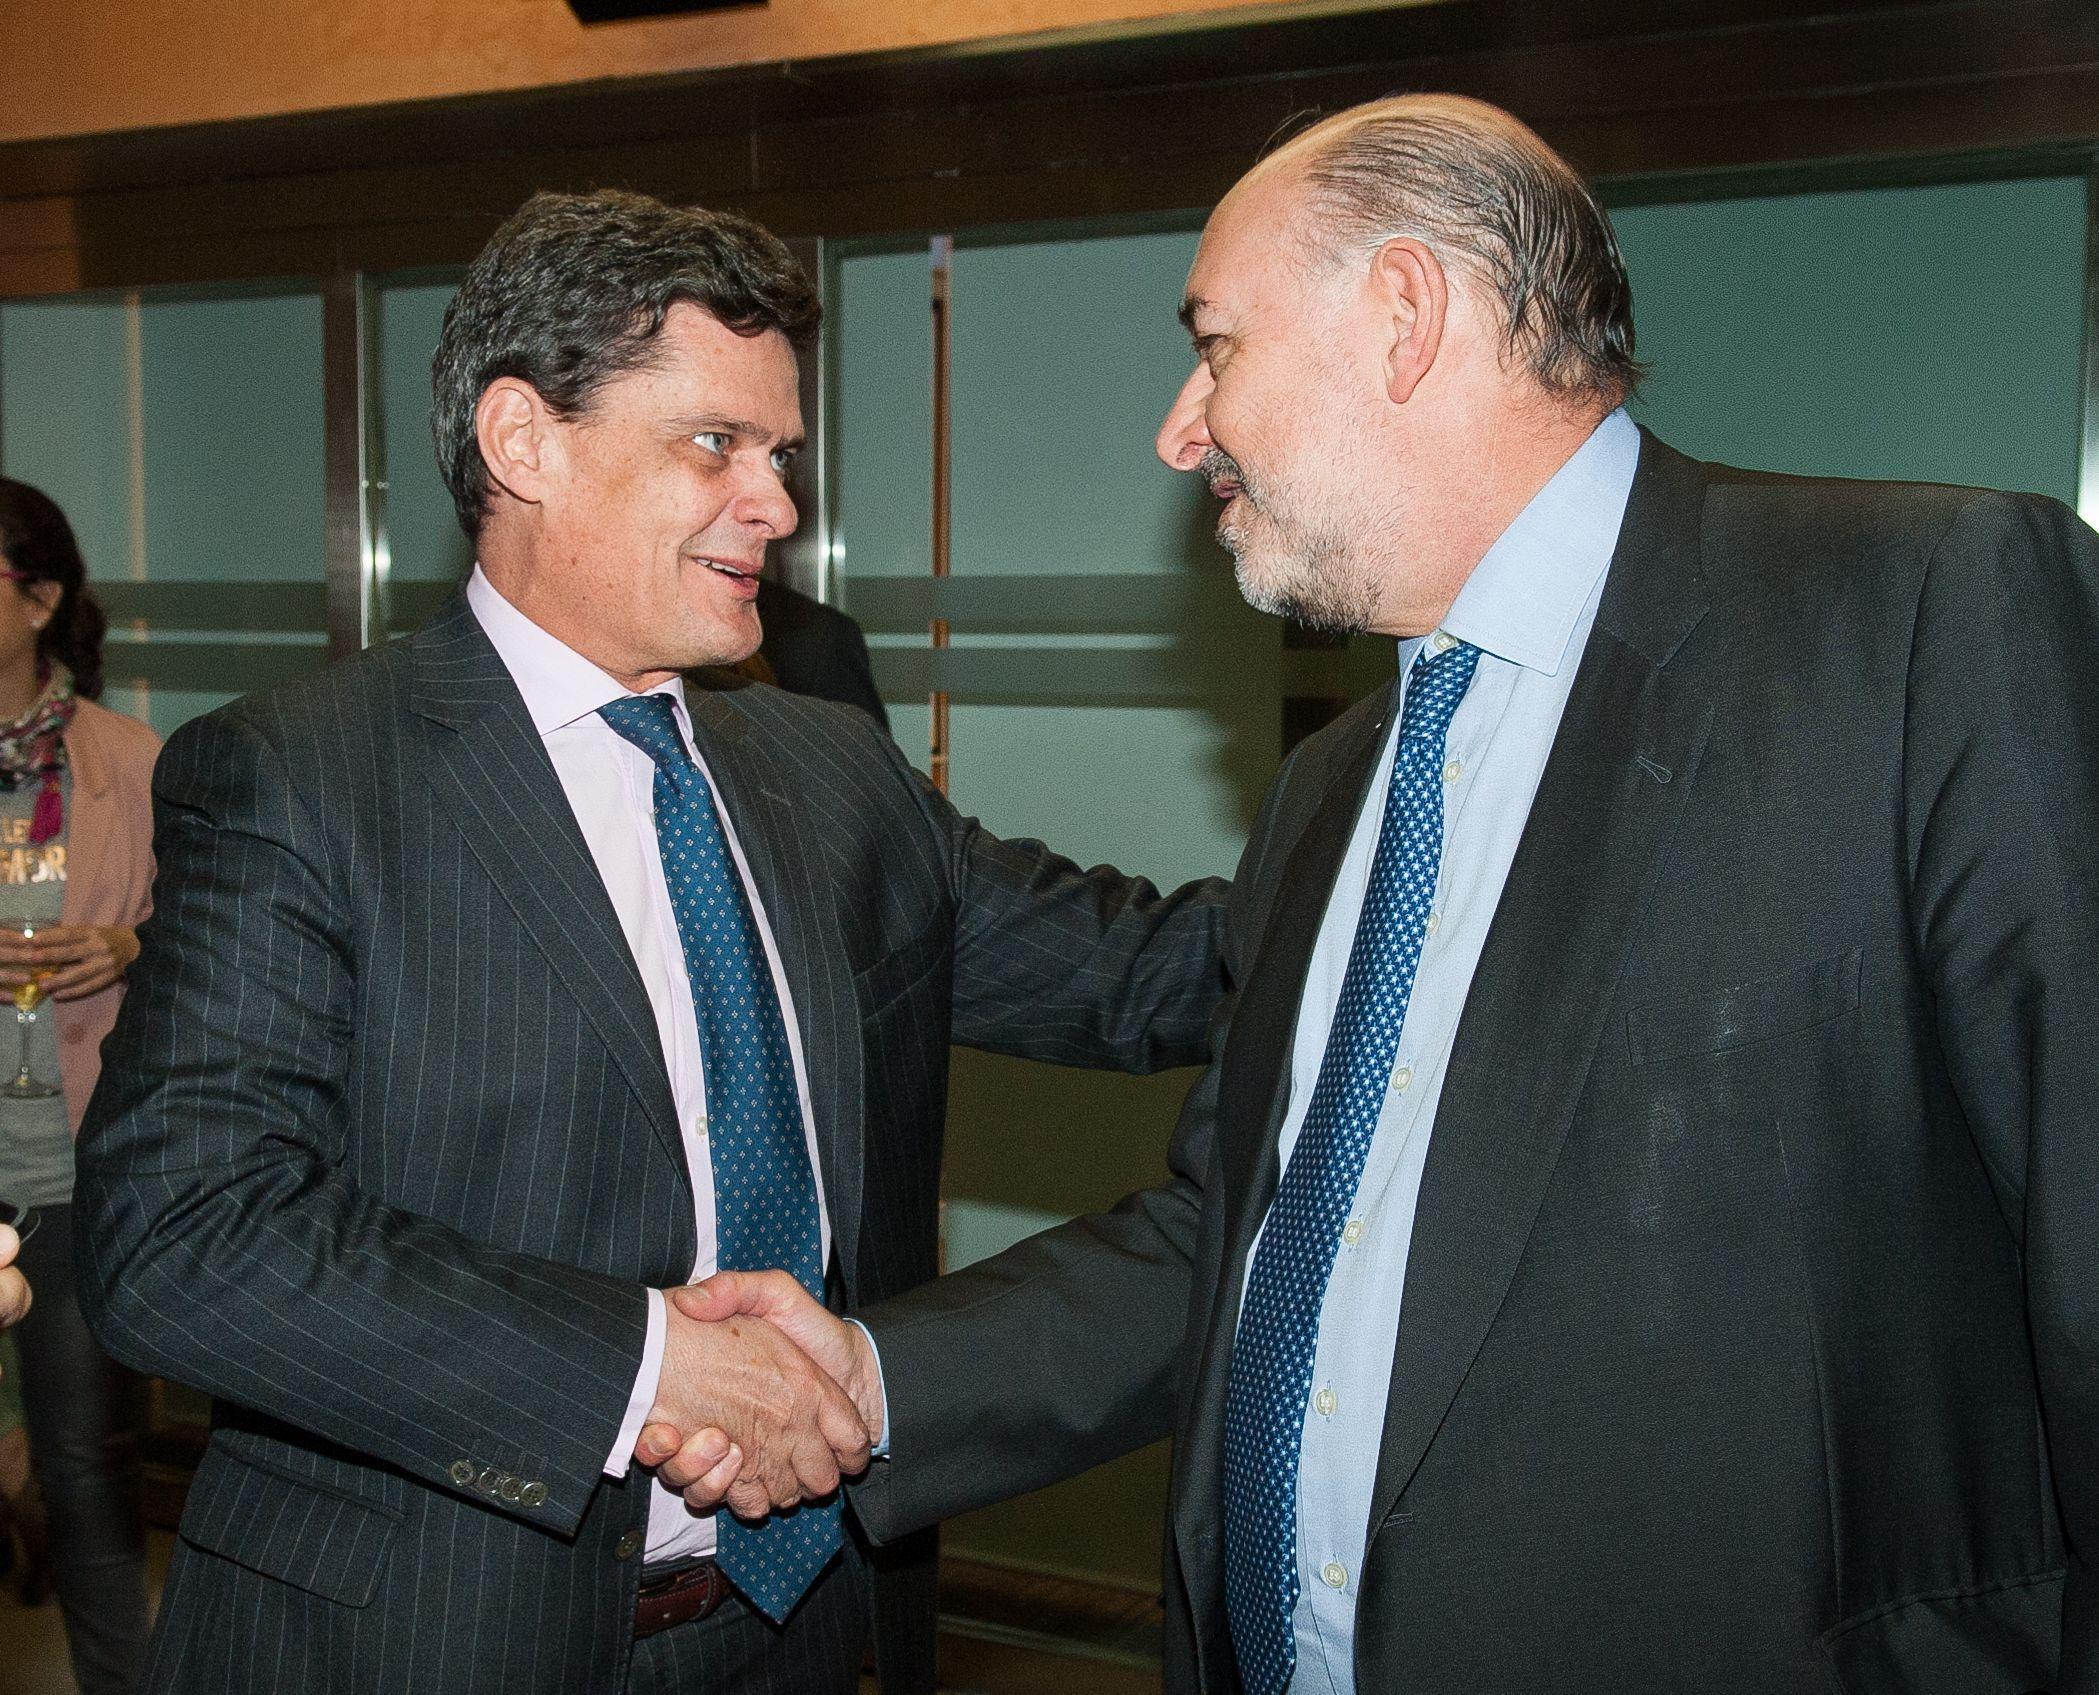 Jaime Echegoyen, presidente de Sareb, saluda a Carlos Abad, CEO de Haya Real Estate, a su llegada al almuerzo de prensa con el que concluyó la XXXI edición del Curso de Economía organizado por APIE.